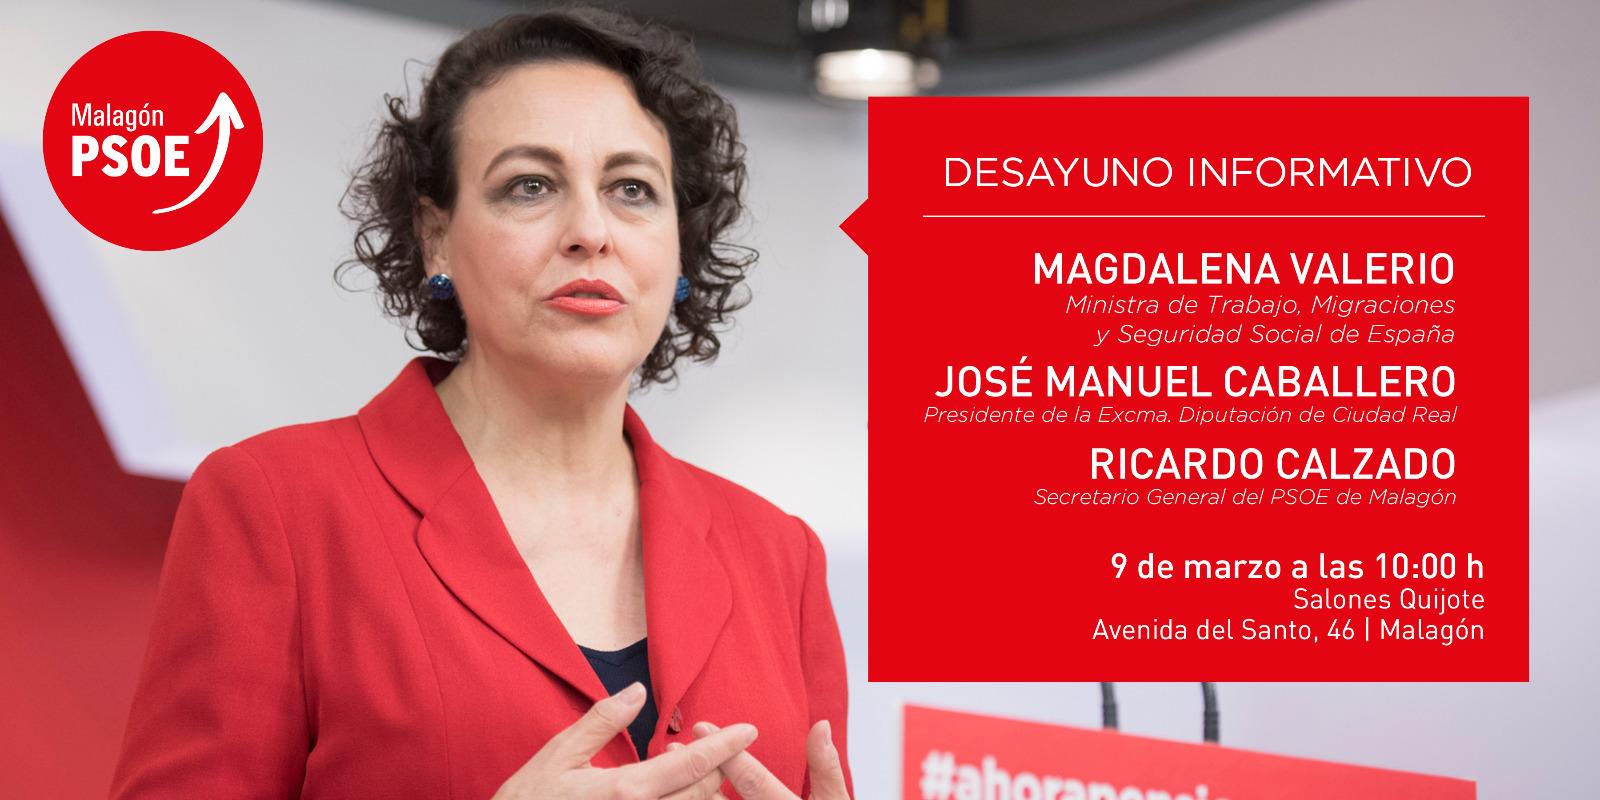 La ministra Magdalena Valerio participará el sábado en una charla con los vecinos de Malagón sobre empleo, empresarios y autónomos